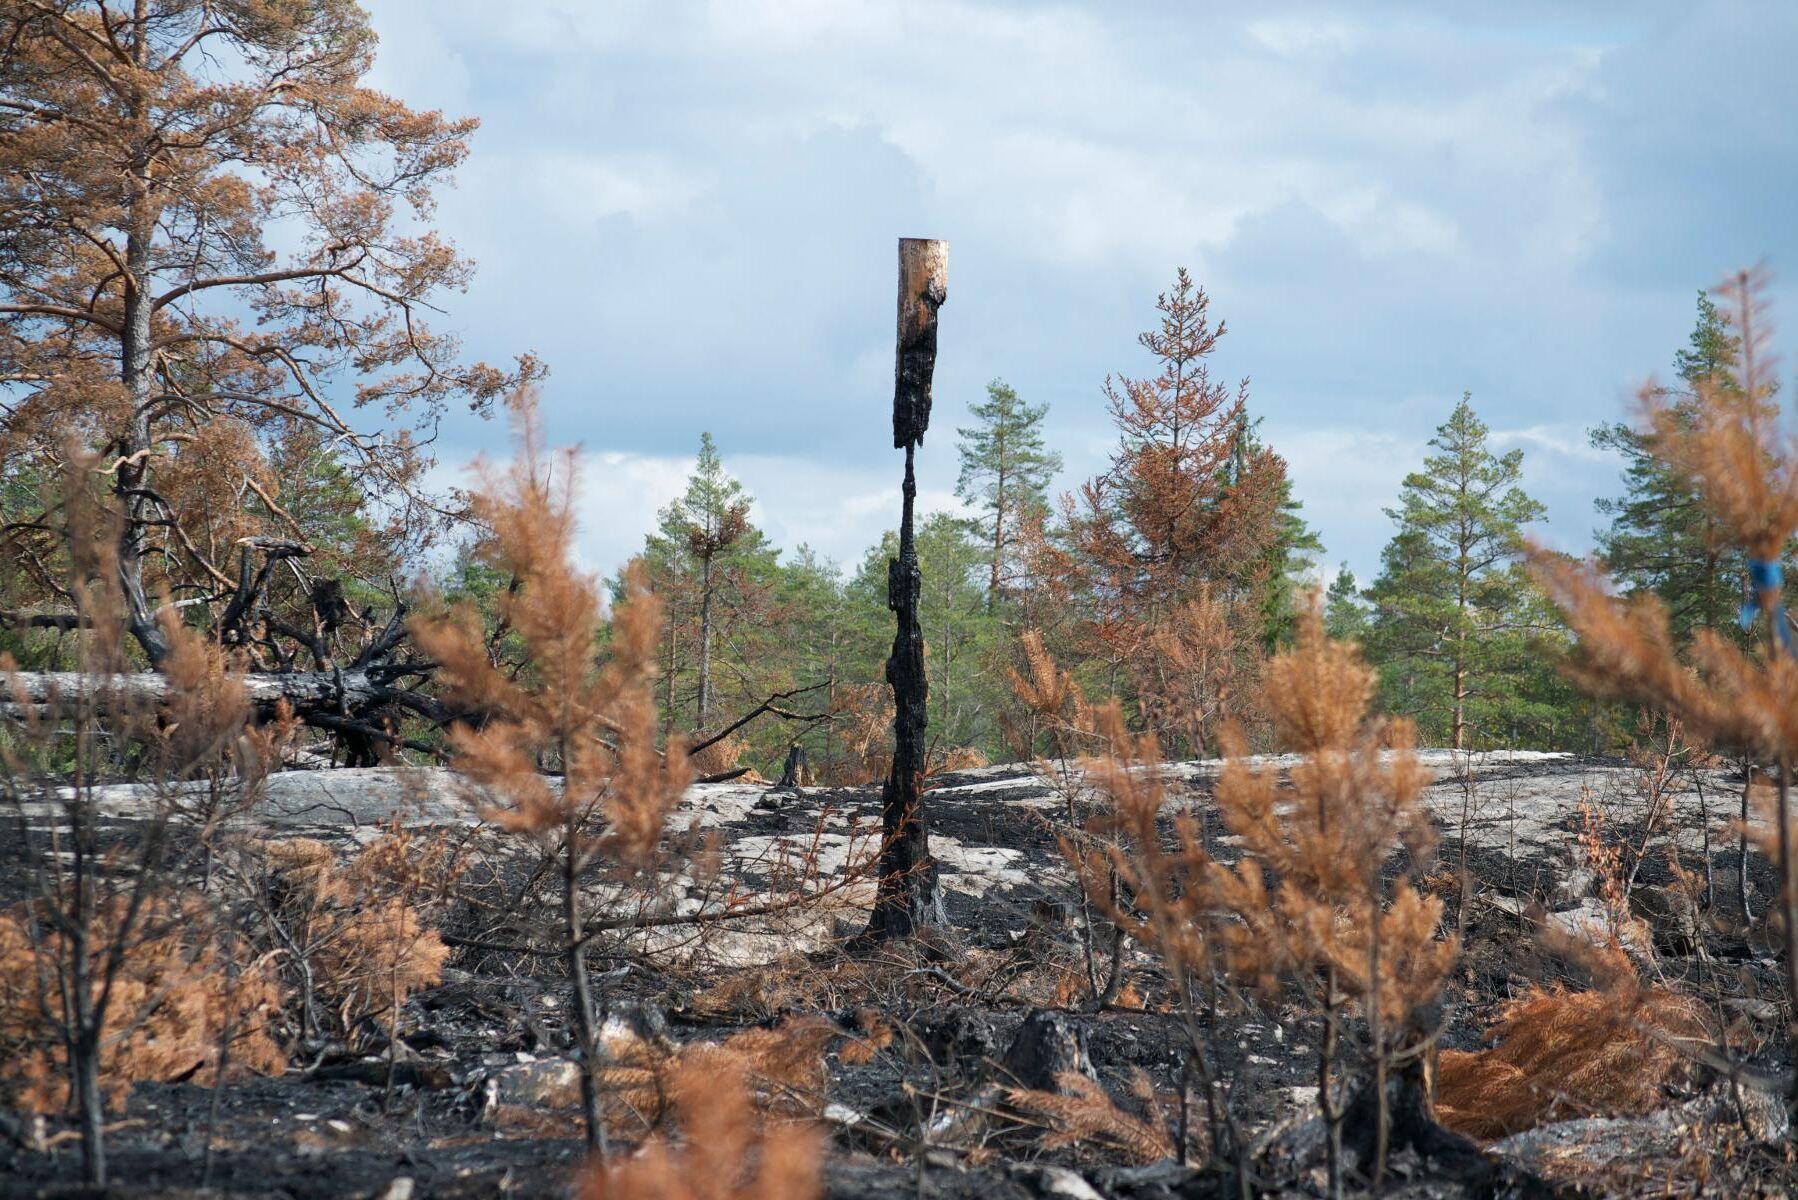 Skogsägare behöver inte stressa med att rensa upp i brandskogen av rädsla för insekter och svampar. Någon risk för ökade angrepp finns inte i år, enligt Skogsstyrelsen.